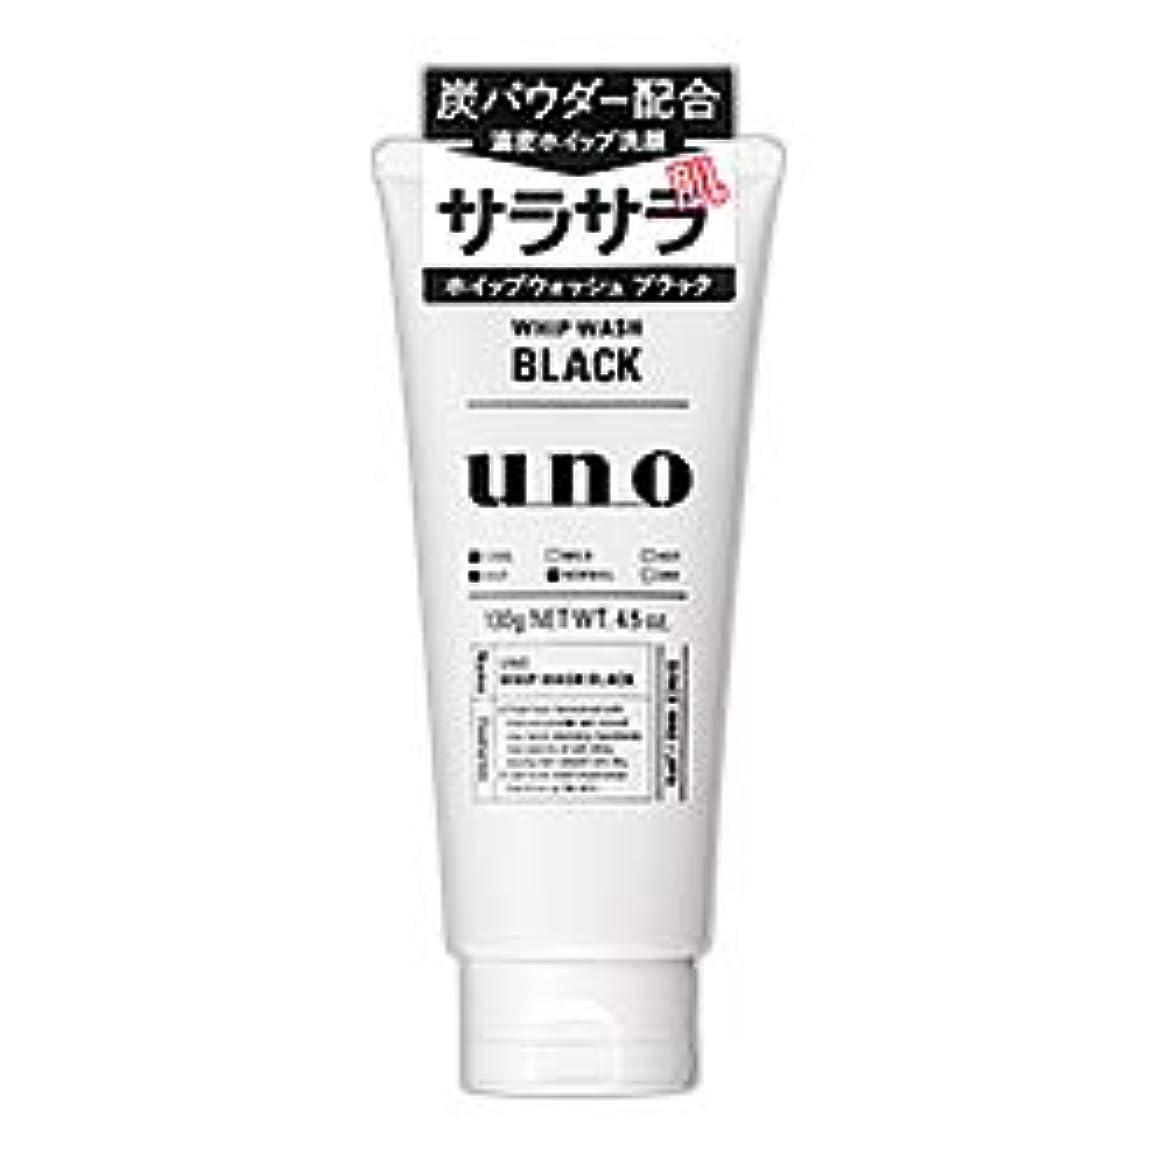 もう一度同情批評【資生堂】ウーノ(uno) ホイップウォッシュ (ブラック) 130g ×2個